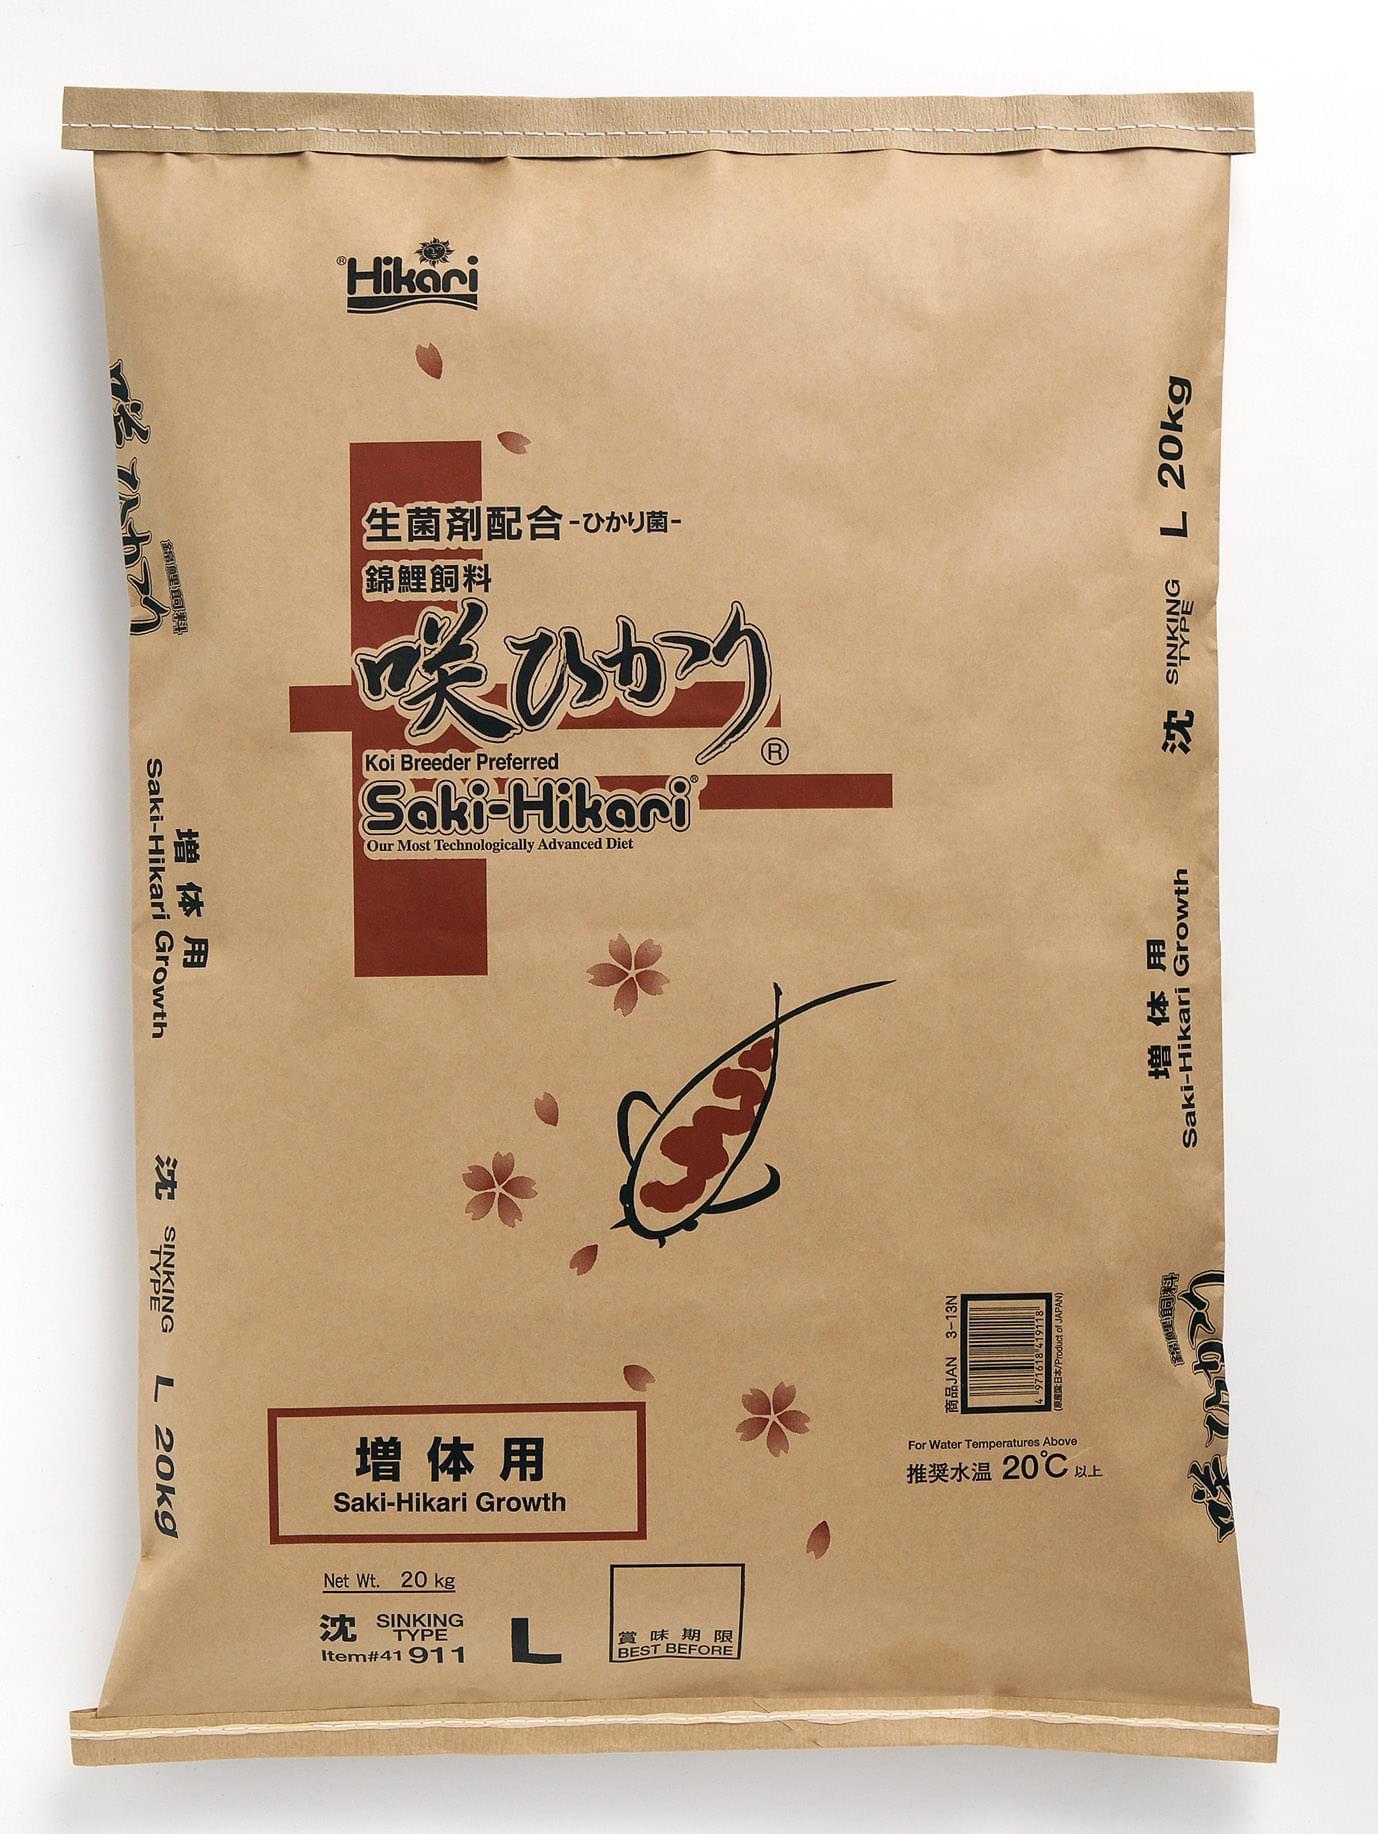 Thức ăn Nhật Bản siêu tăng trọng Saki Hikari Growth bao 15kg cho cá Koi